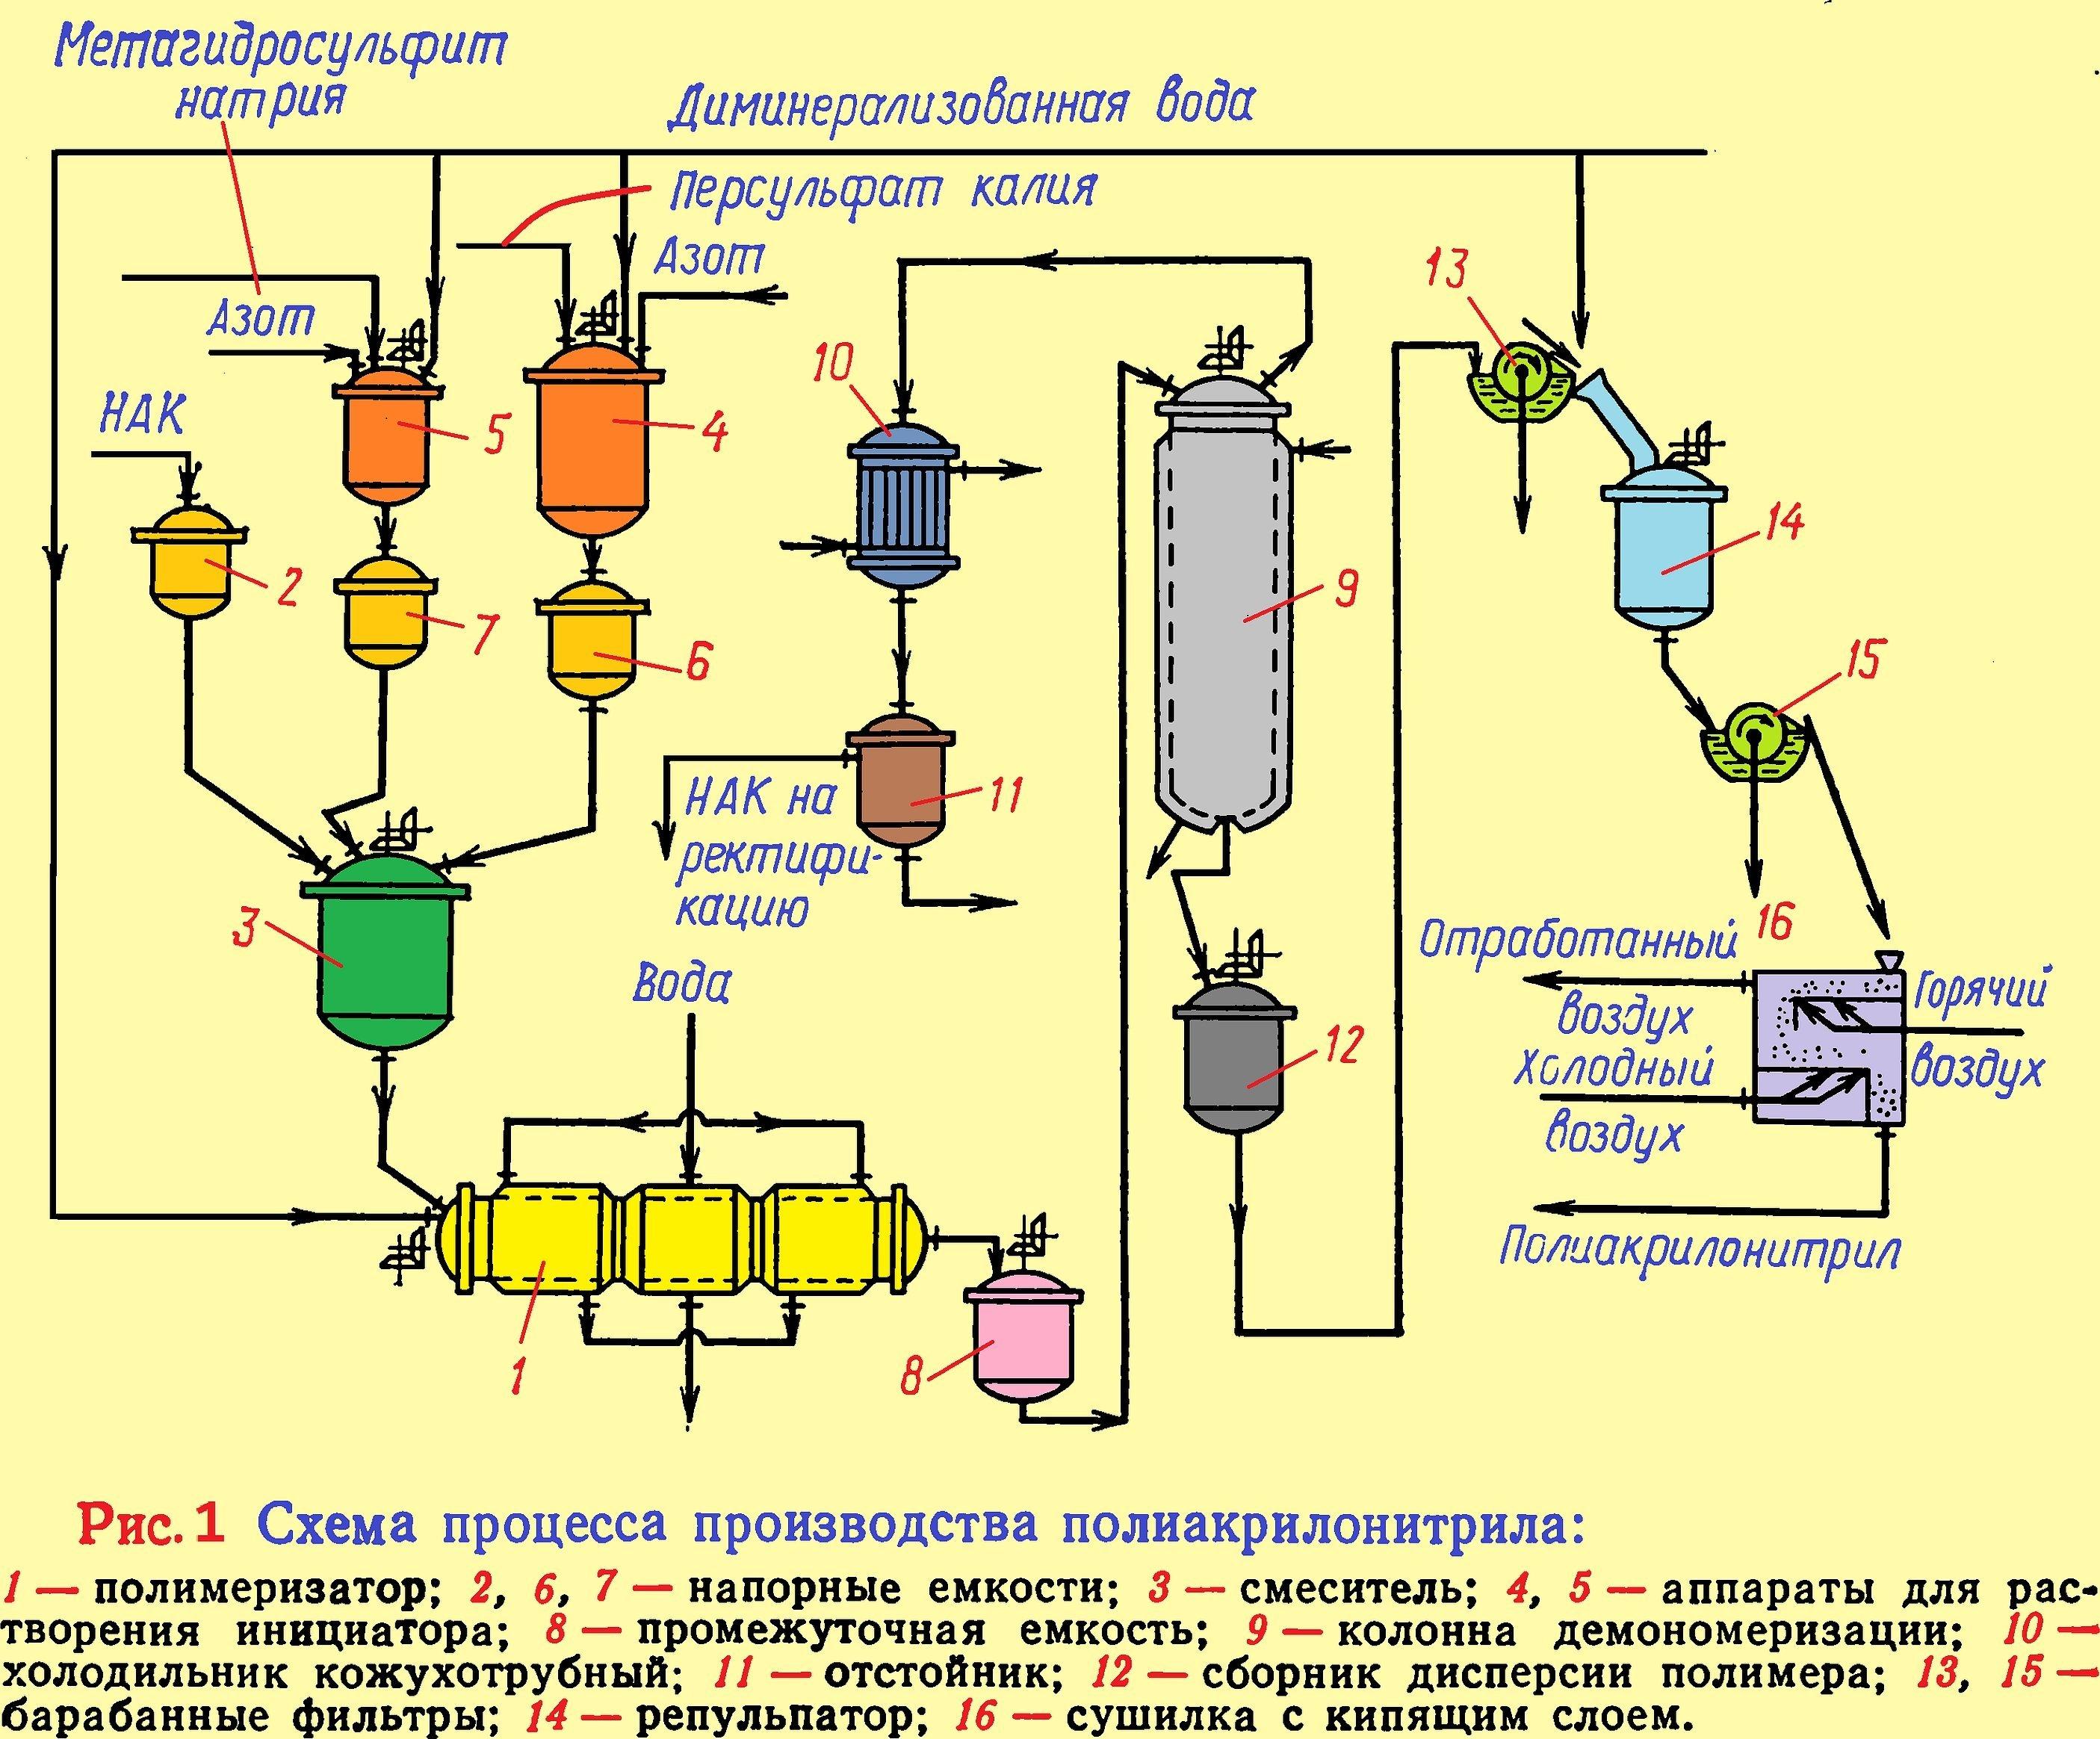 Технологическая схема производства поливинилхлорида